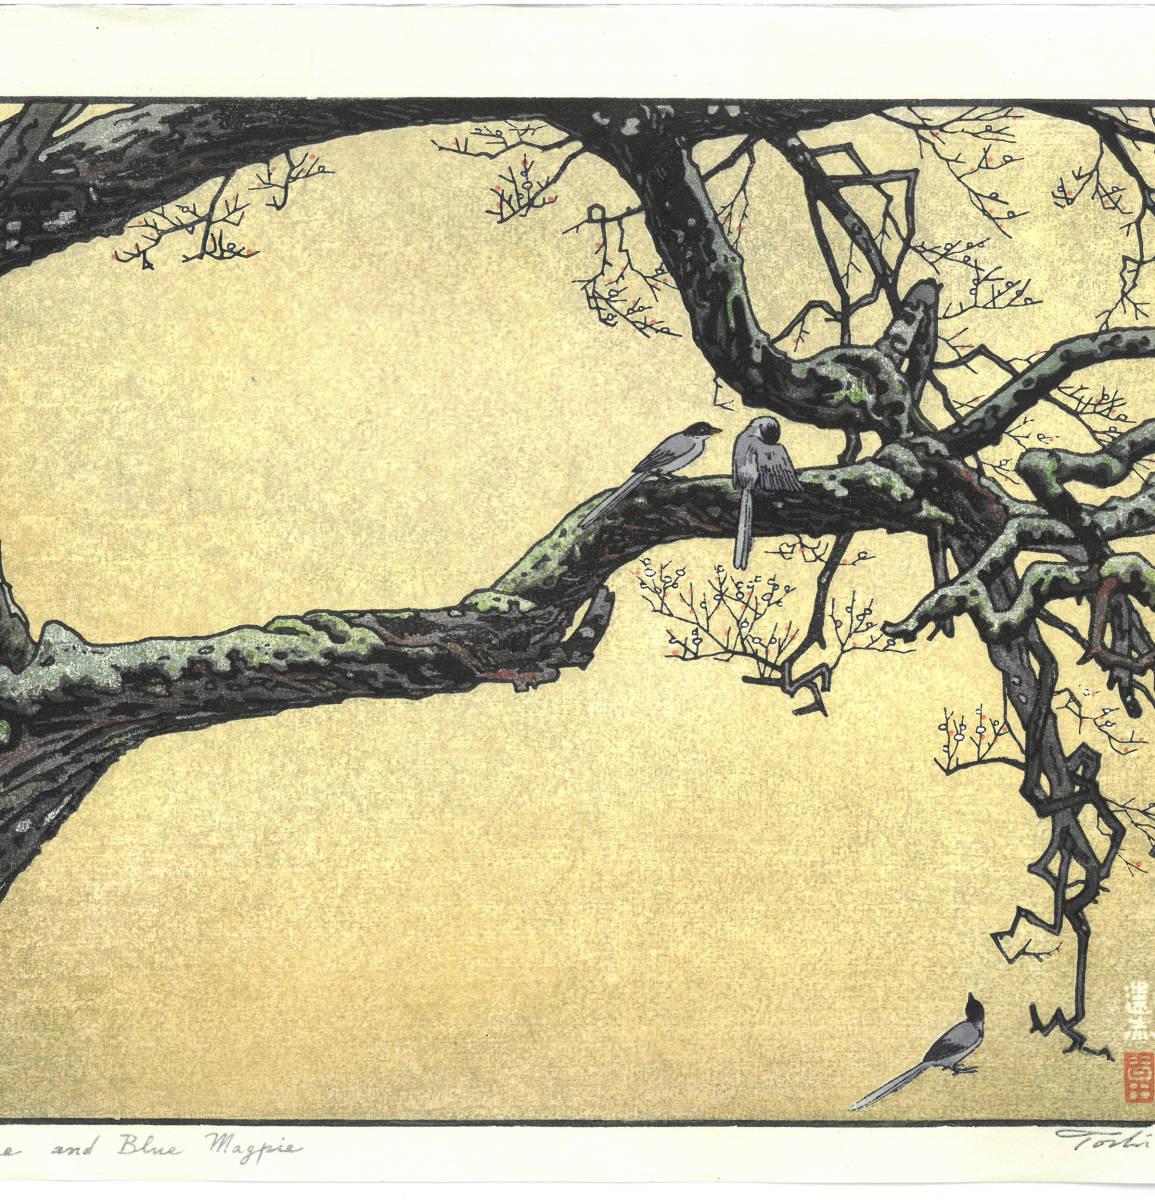 吉田遠志 木版画 015106 数珠かけの梅 (Plum tree & Blue Magpie) 初摺1951年  最高峰の摺師の技をご堪能下さい!!_画像4